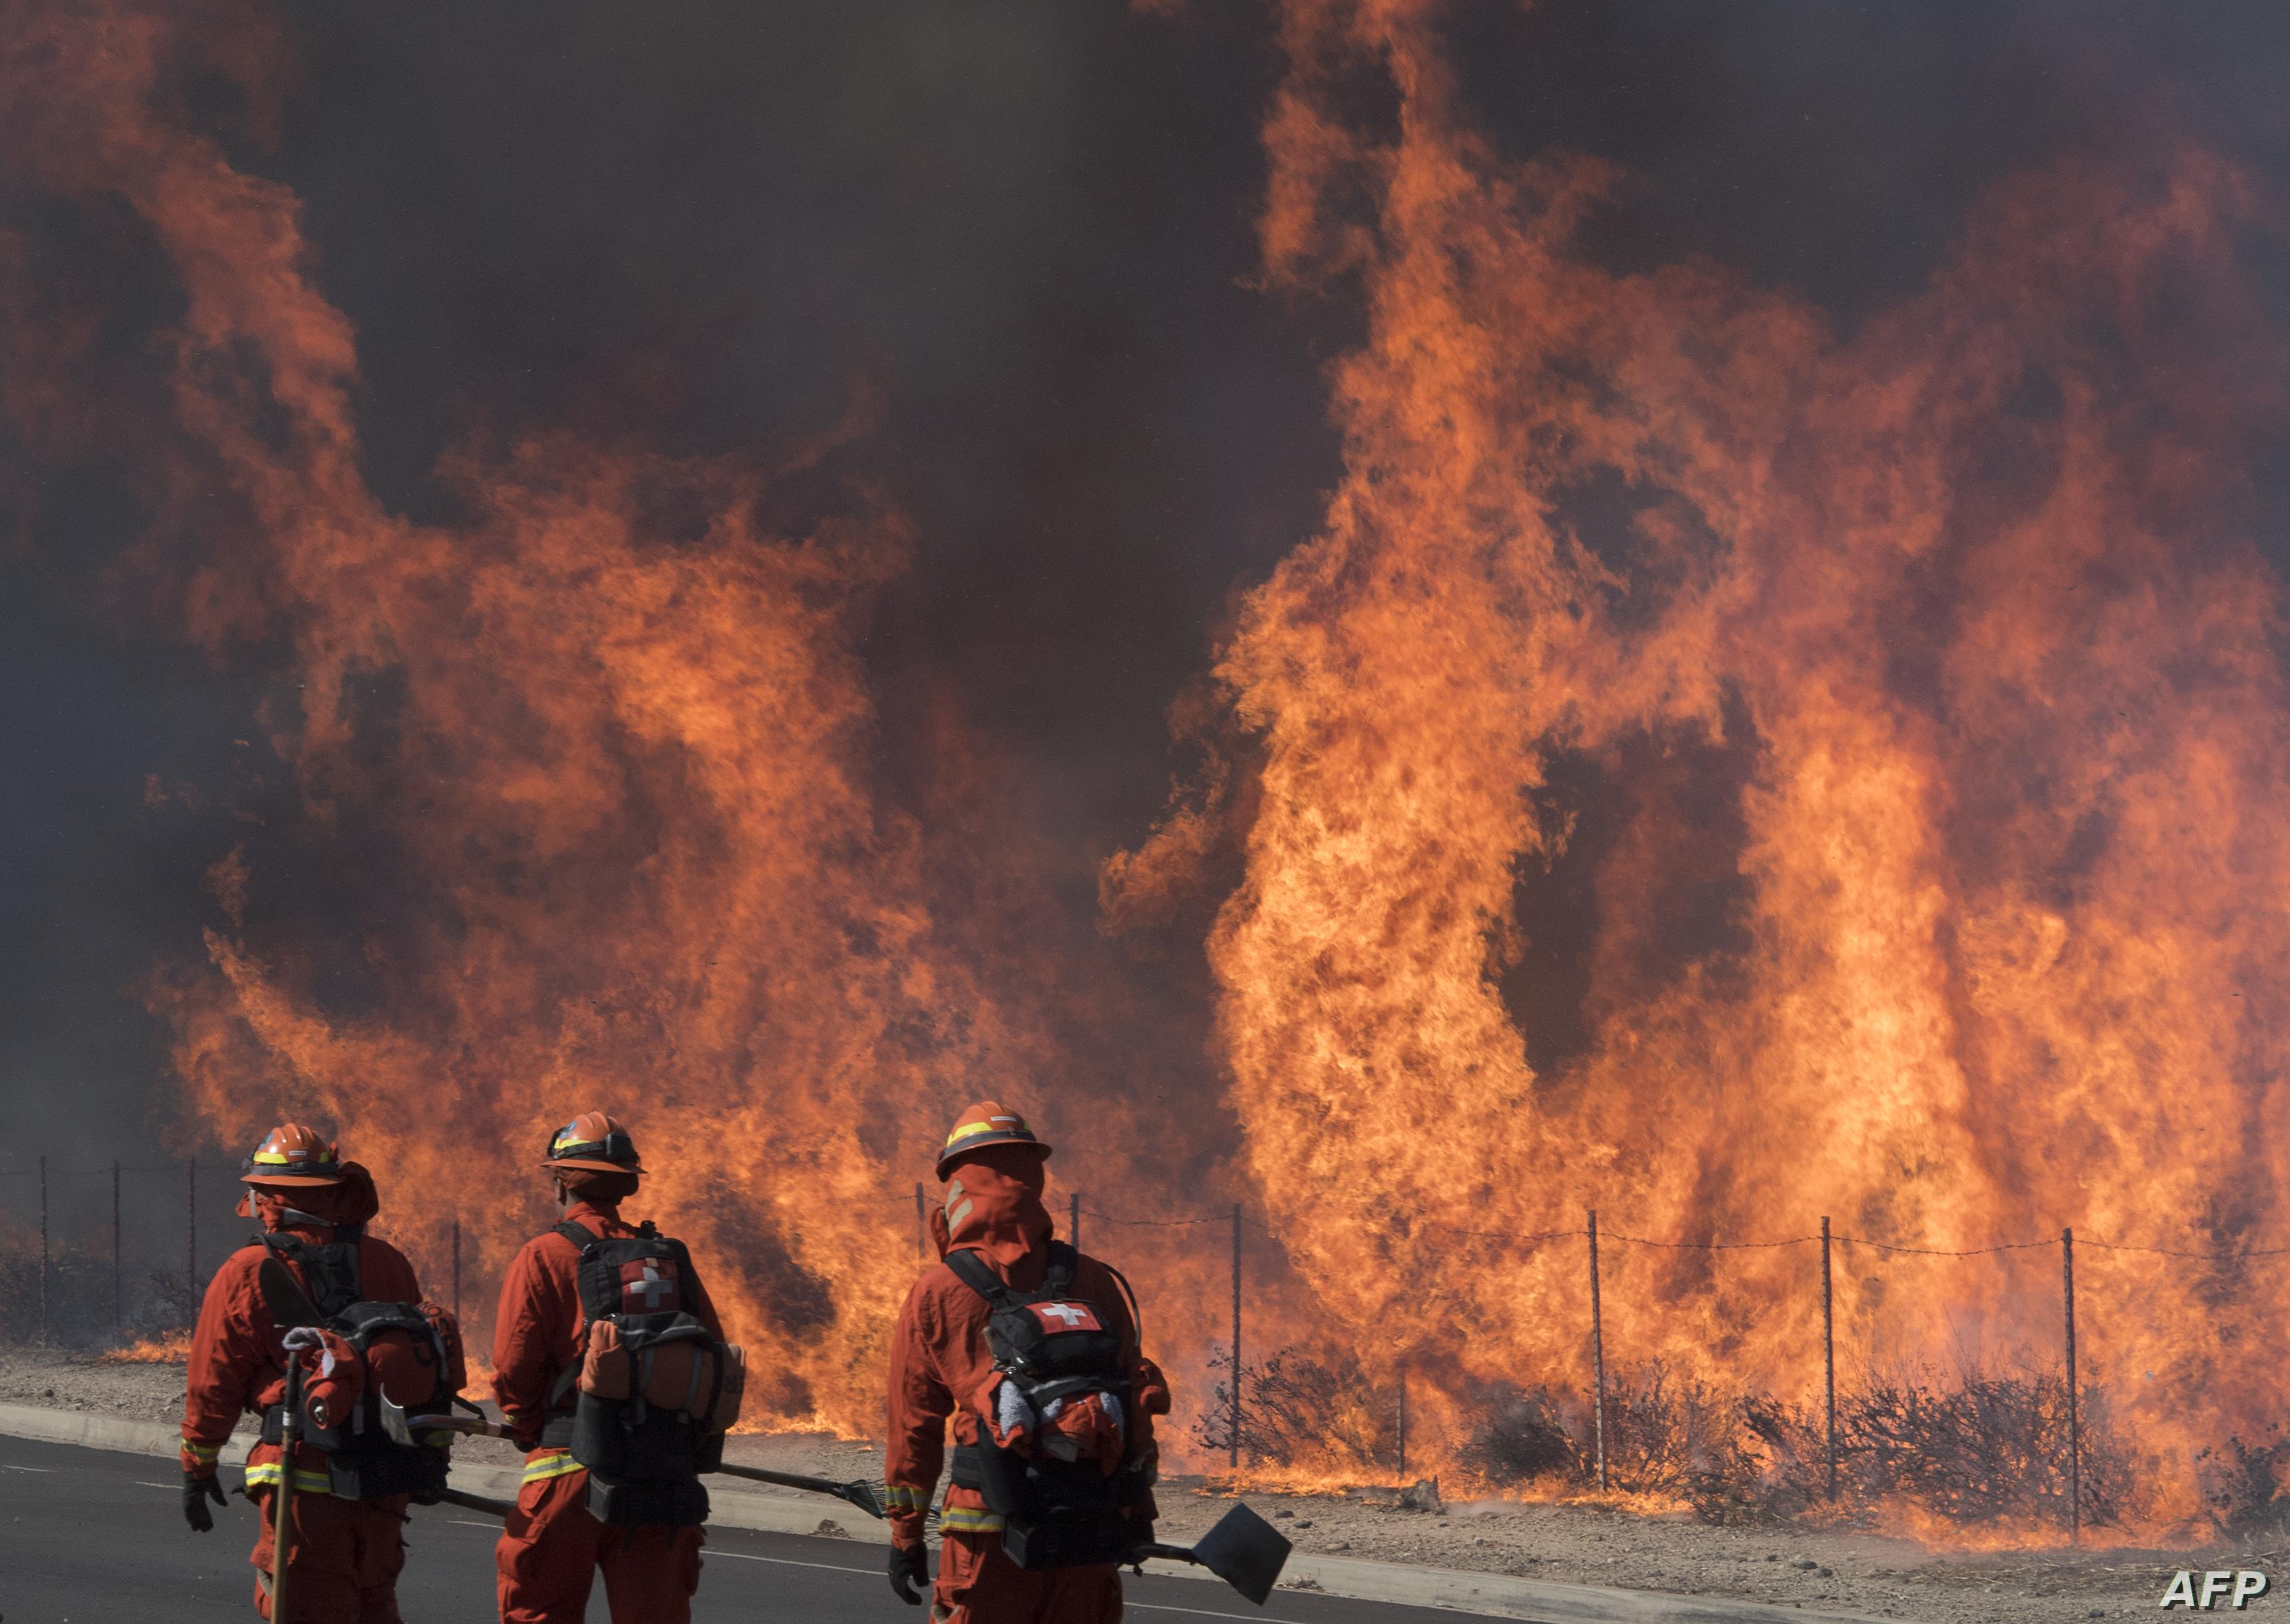 صور وفيديو ولاية كاليفورنيا تكافح حرائق مرعبة الحرة